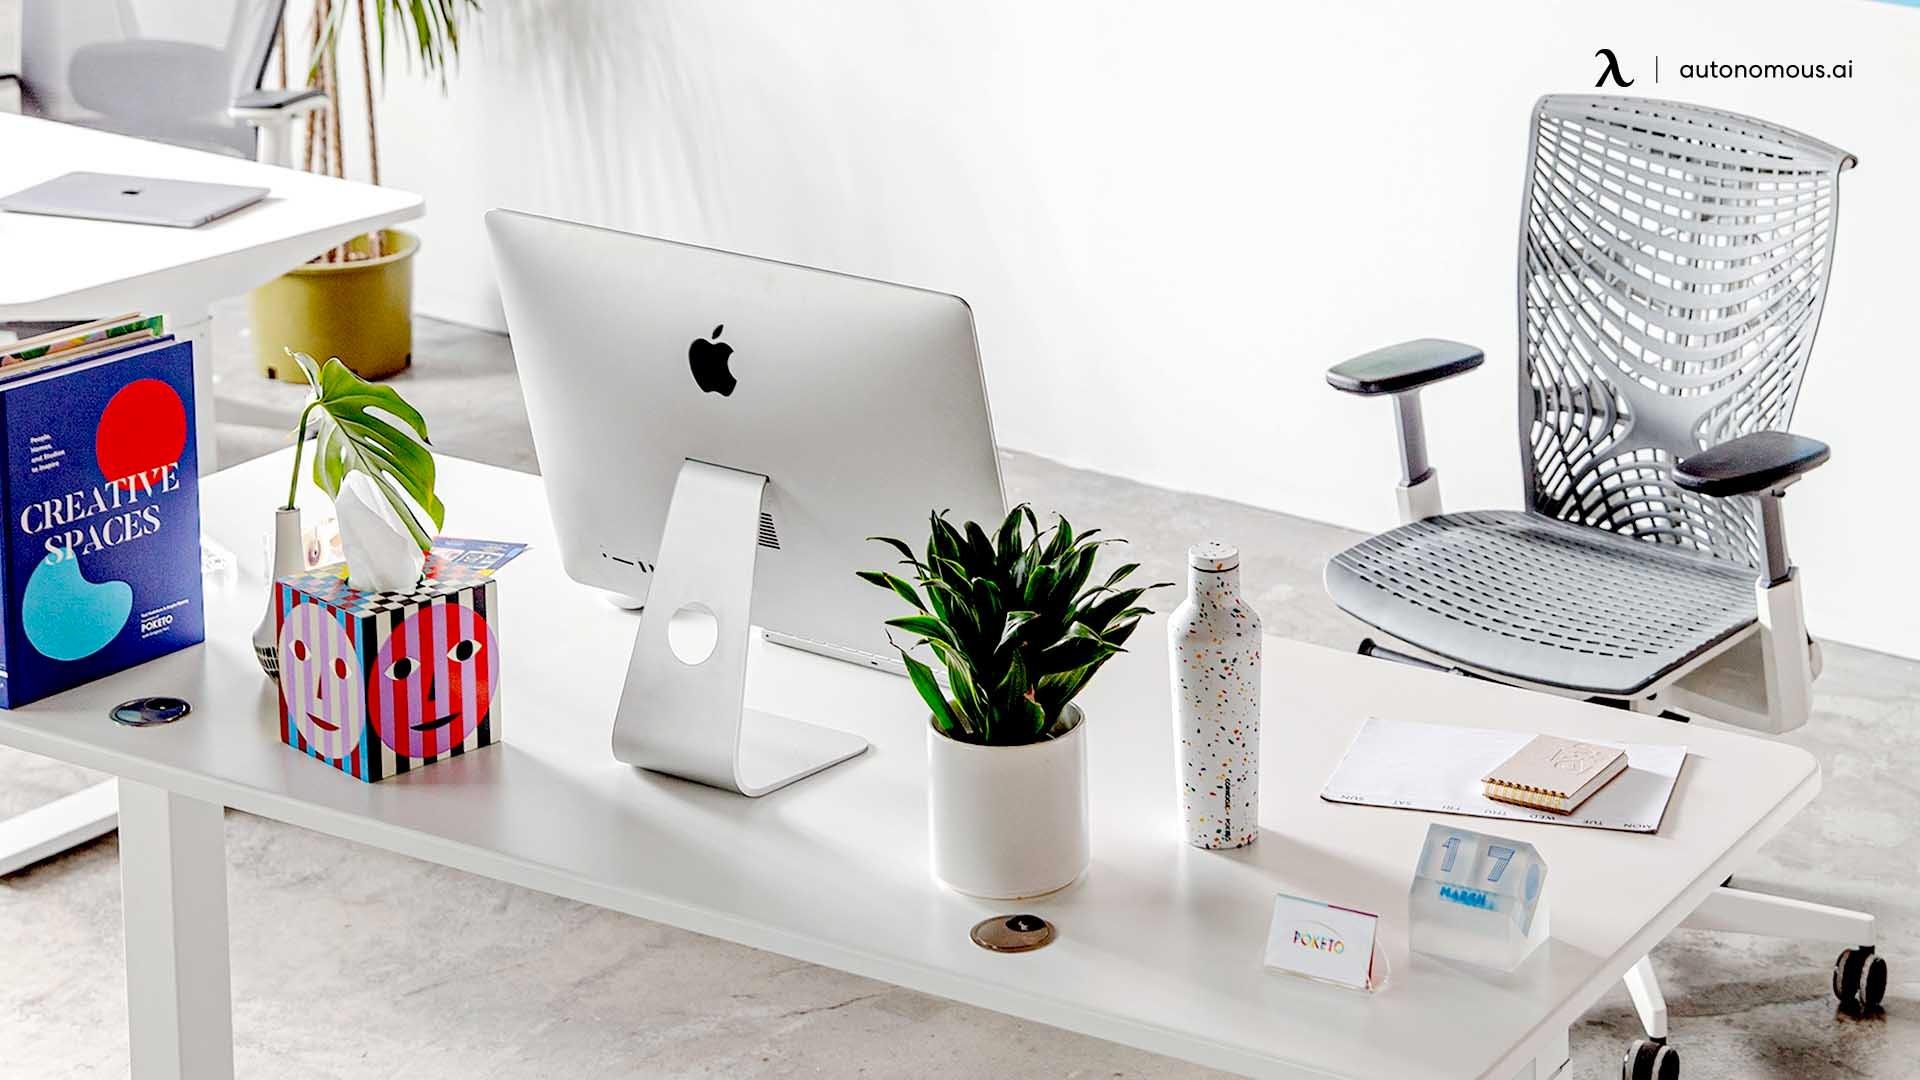 Change the desk setup